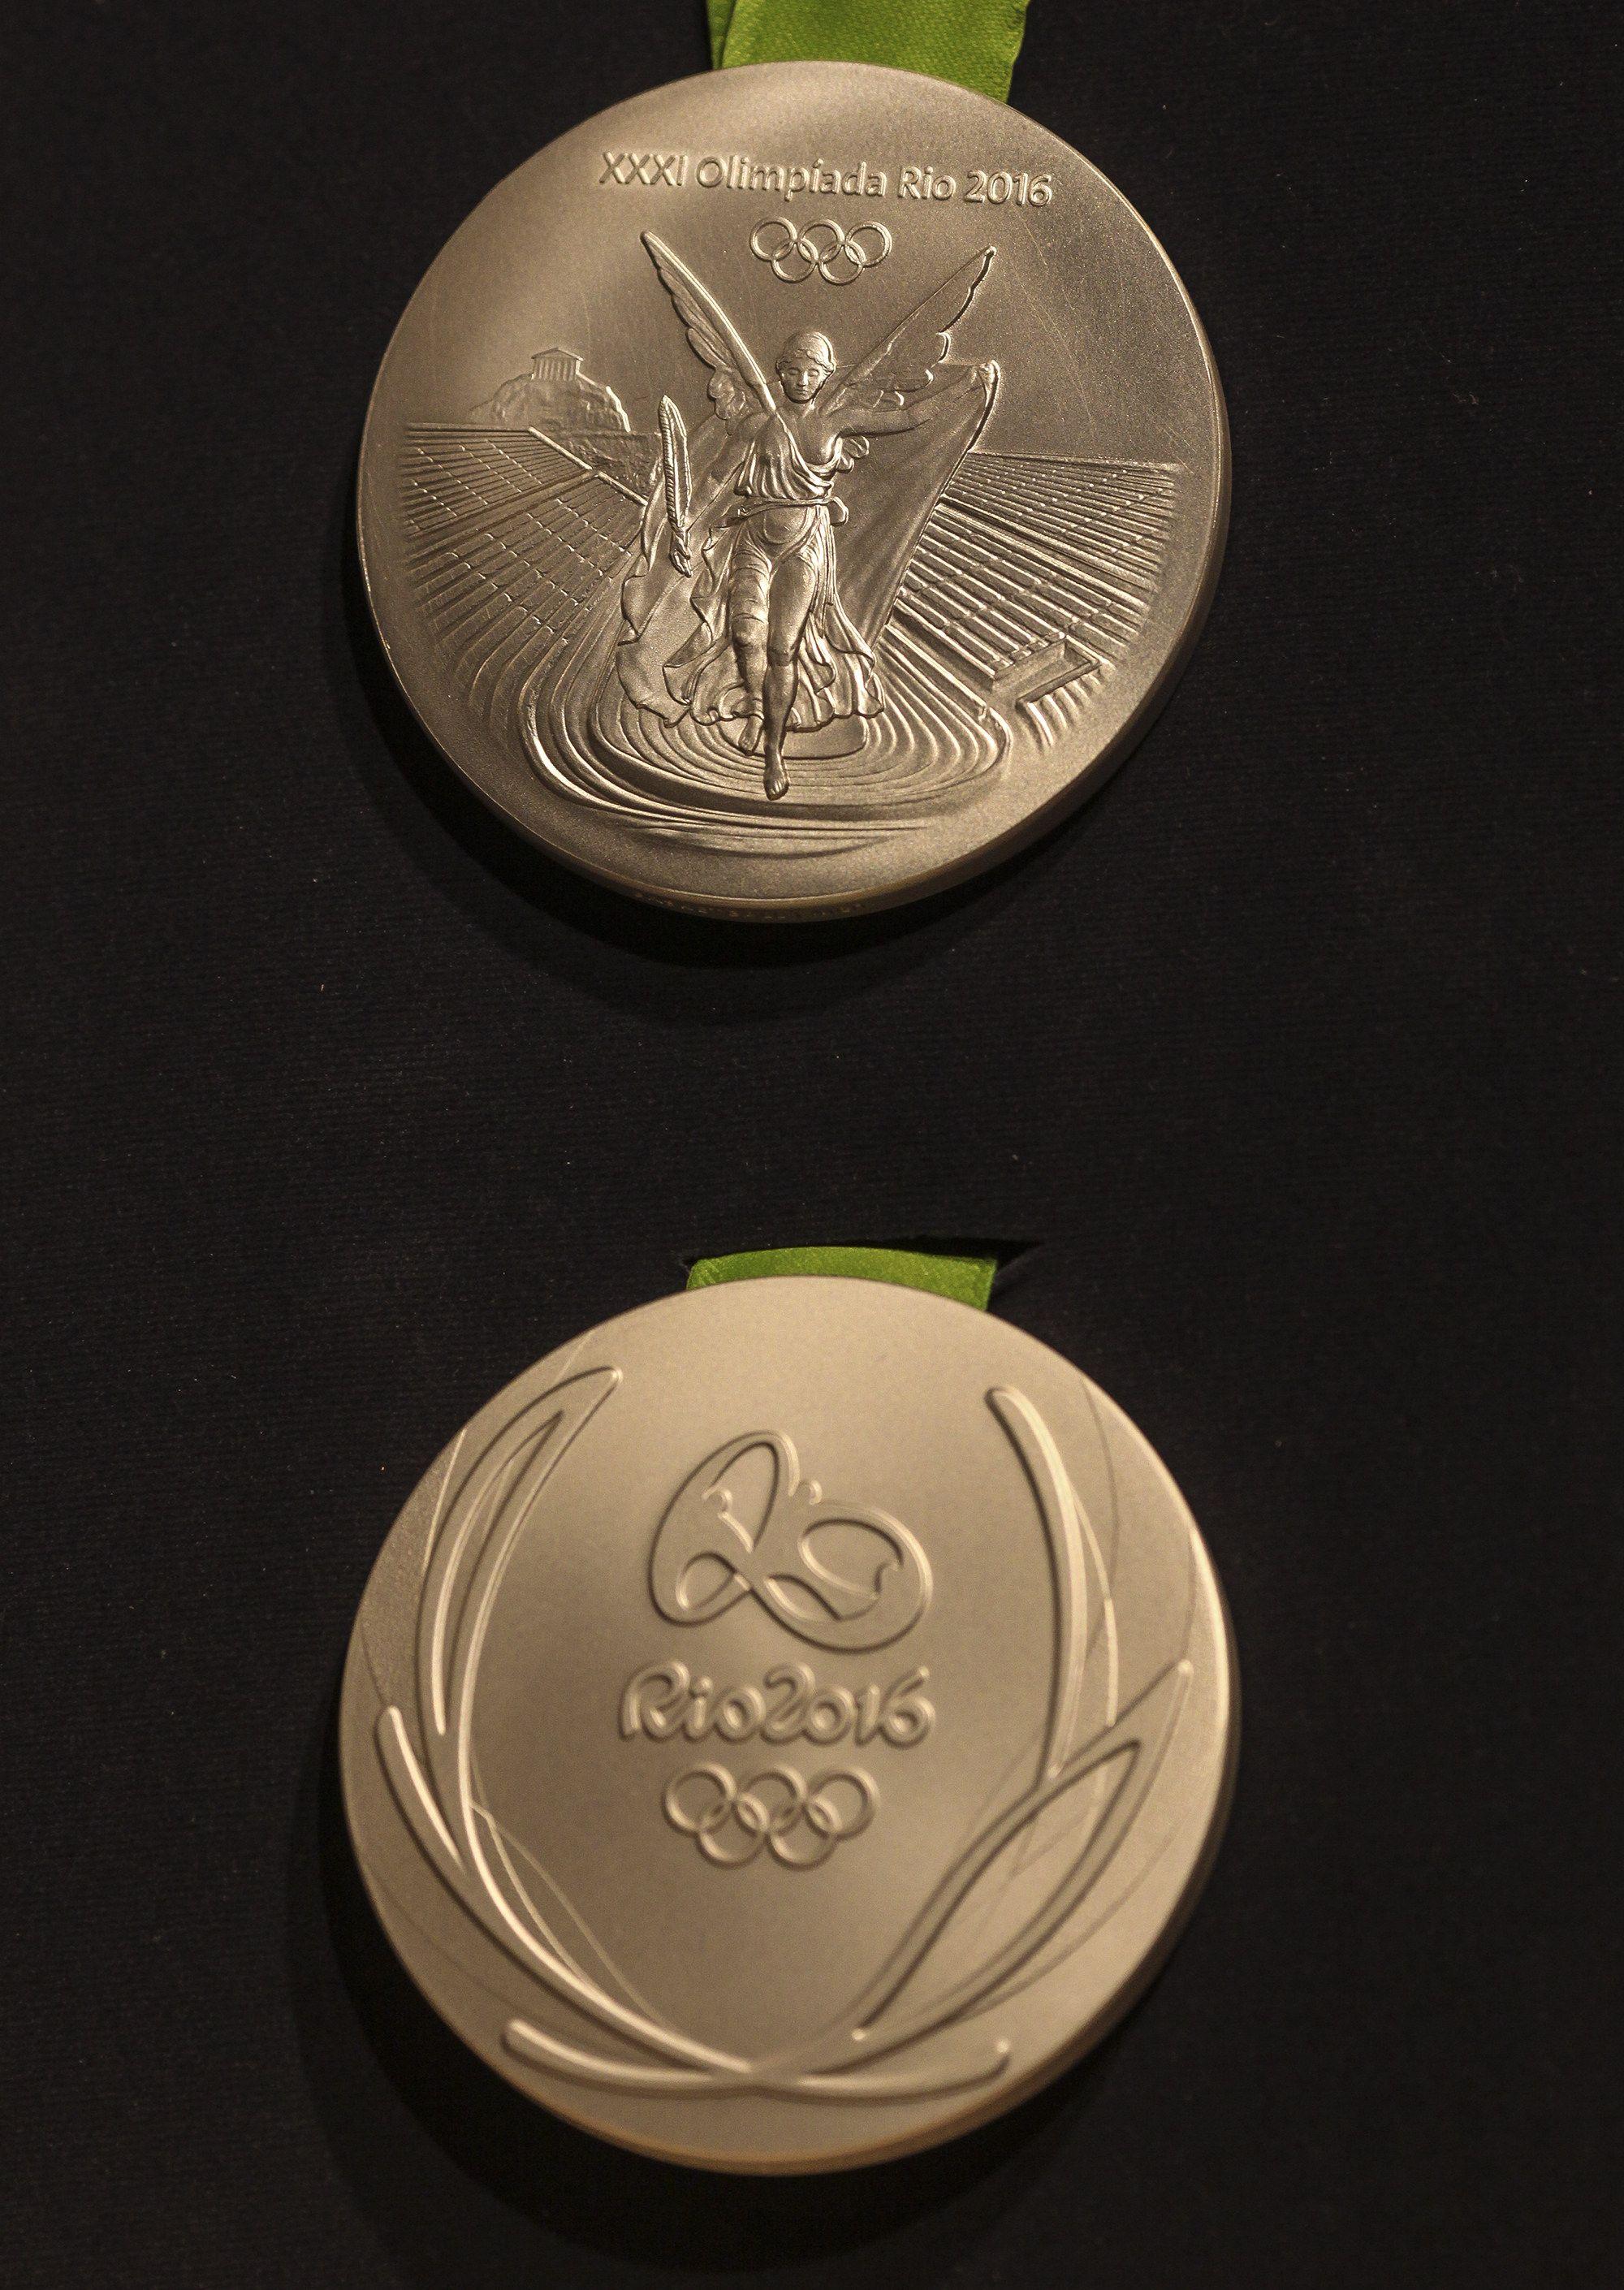 FOTOS: Así son las medallas de Río 2016